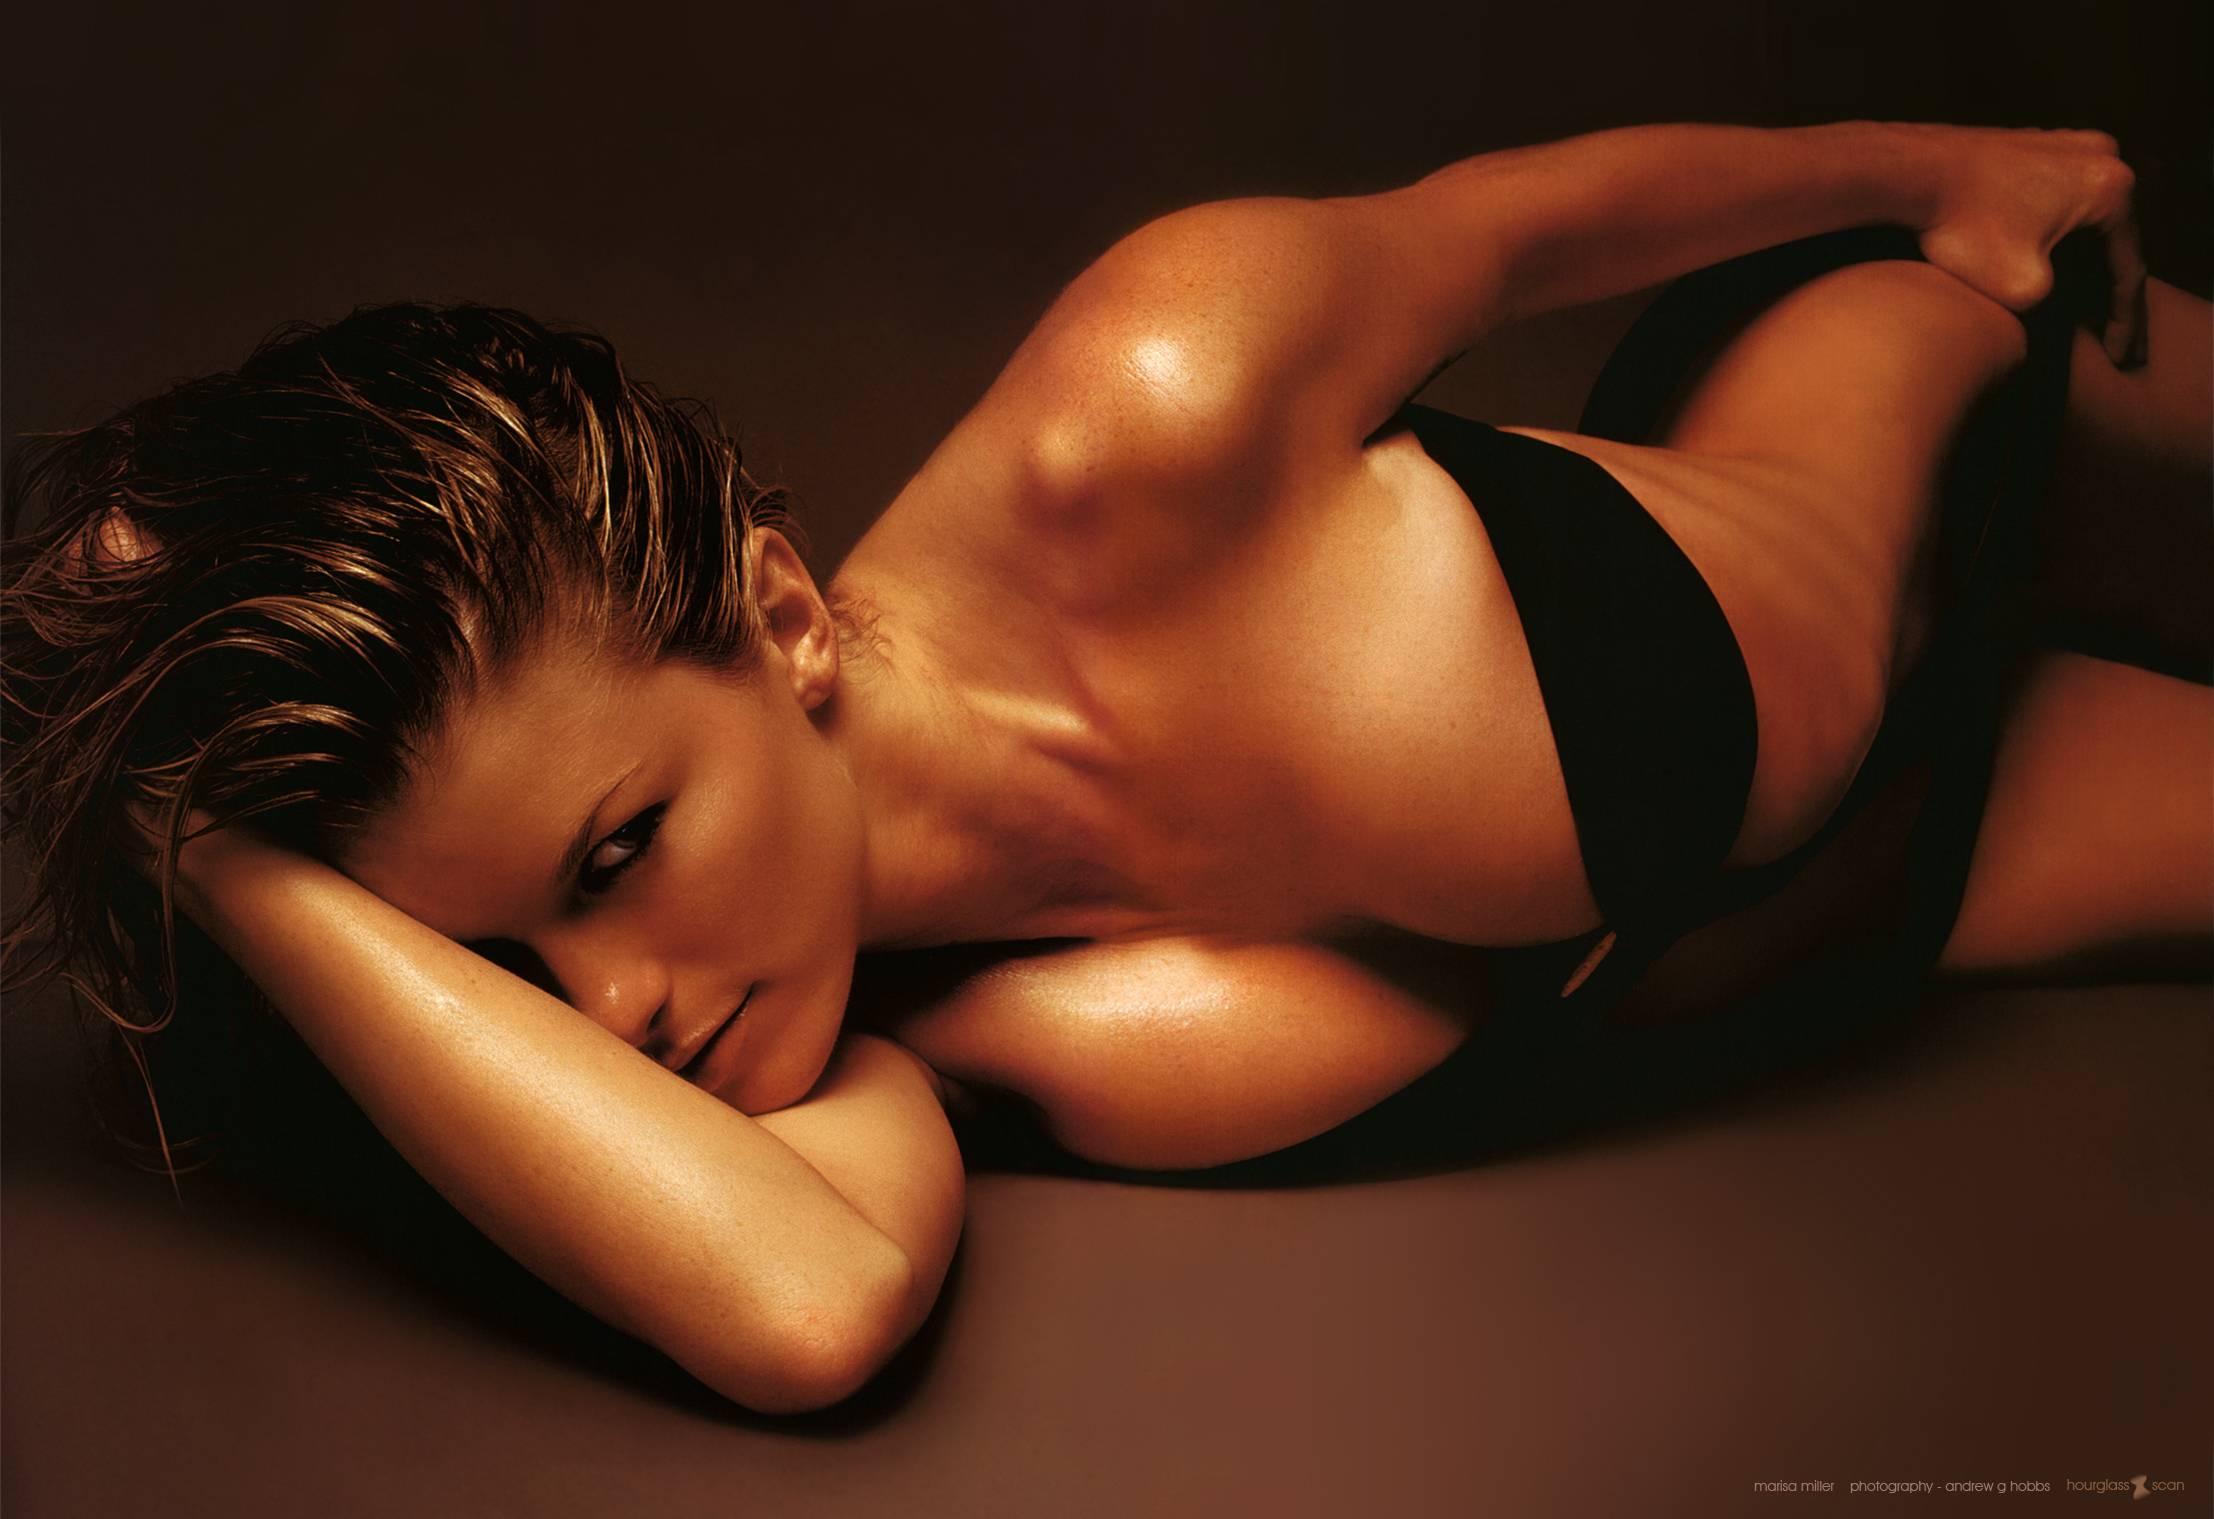 Le top model Marisa Miller fait du basket seins nus